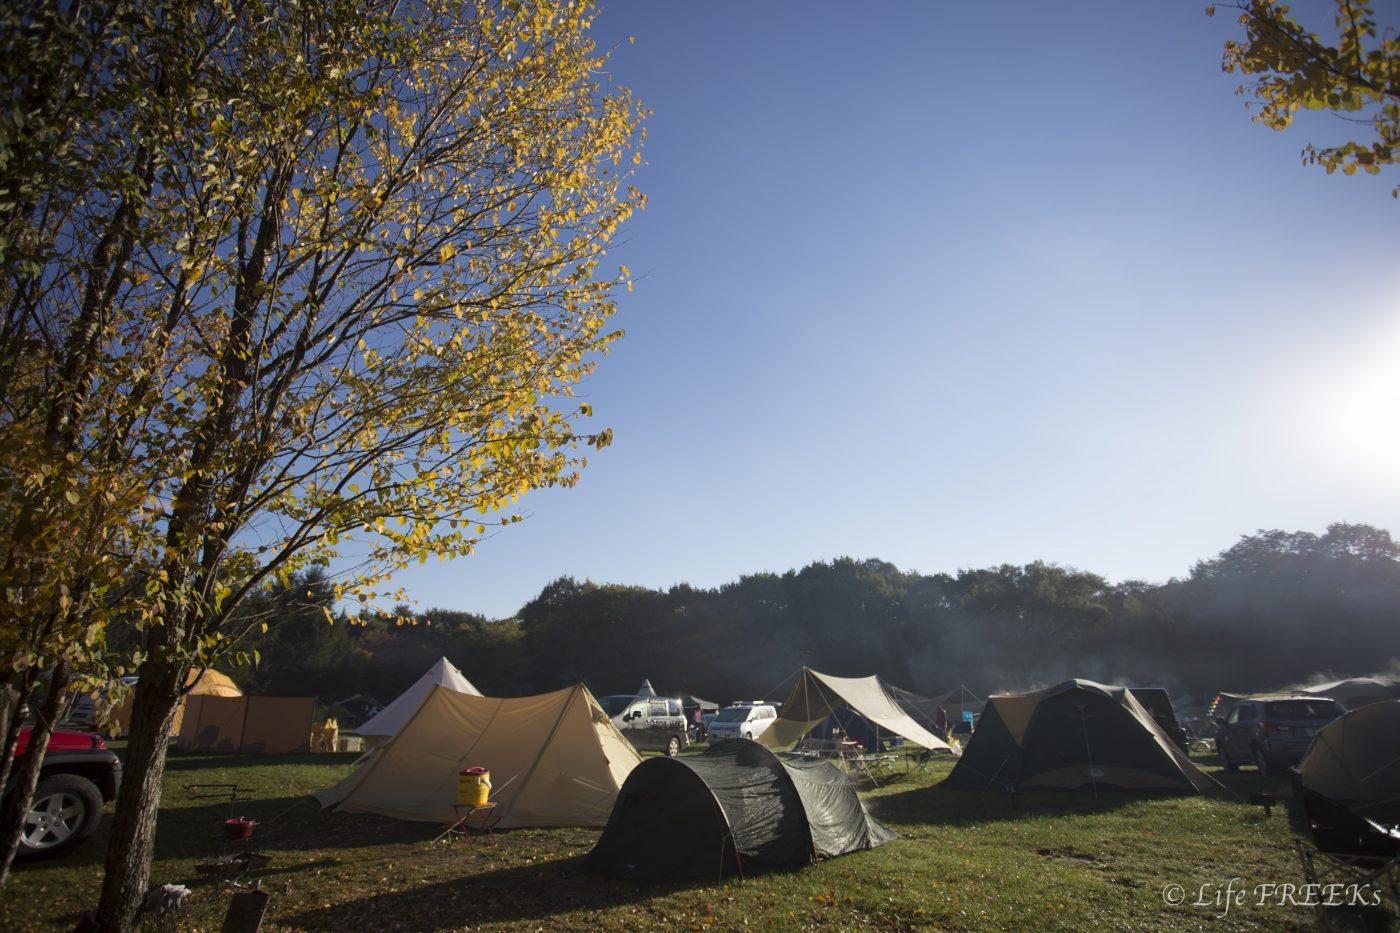 秋キャンプは準備が大事ですが、逆に言えば準備さえしっかりやれば楽しい。